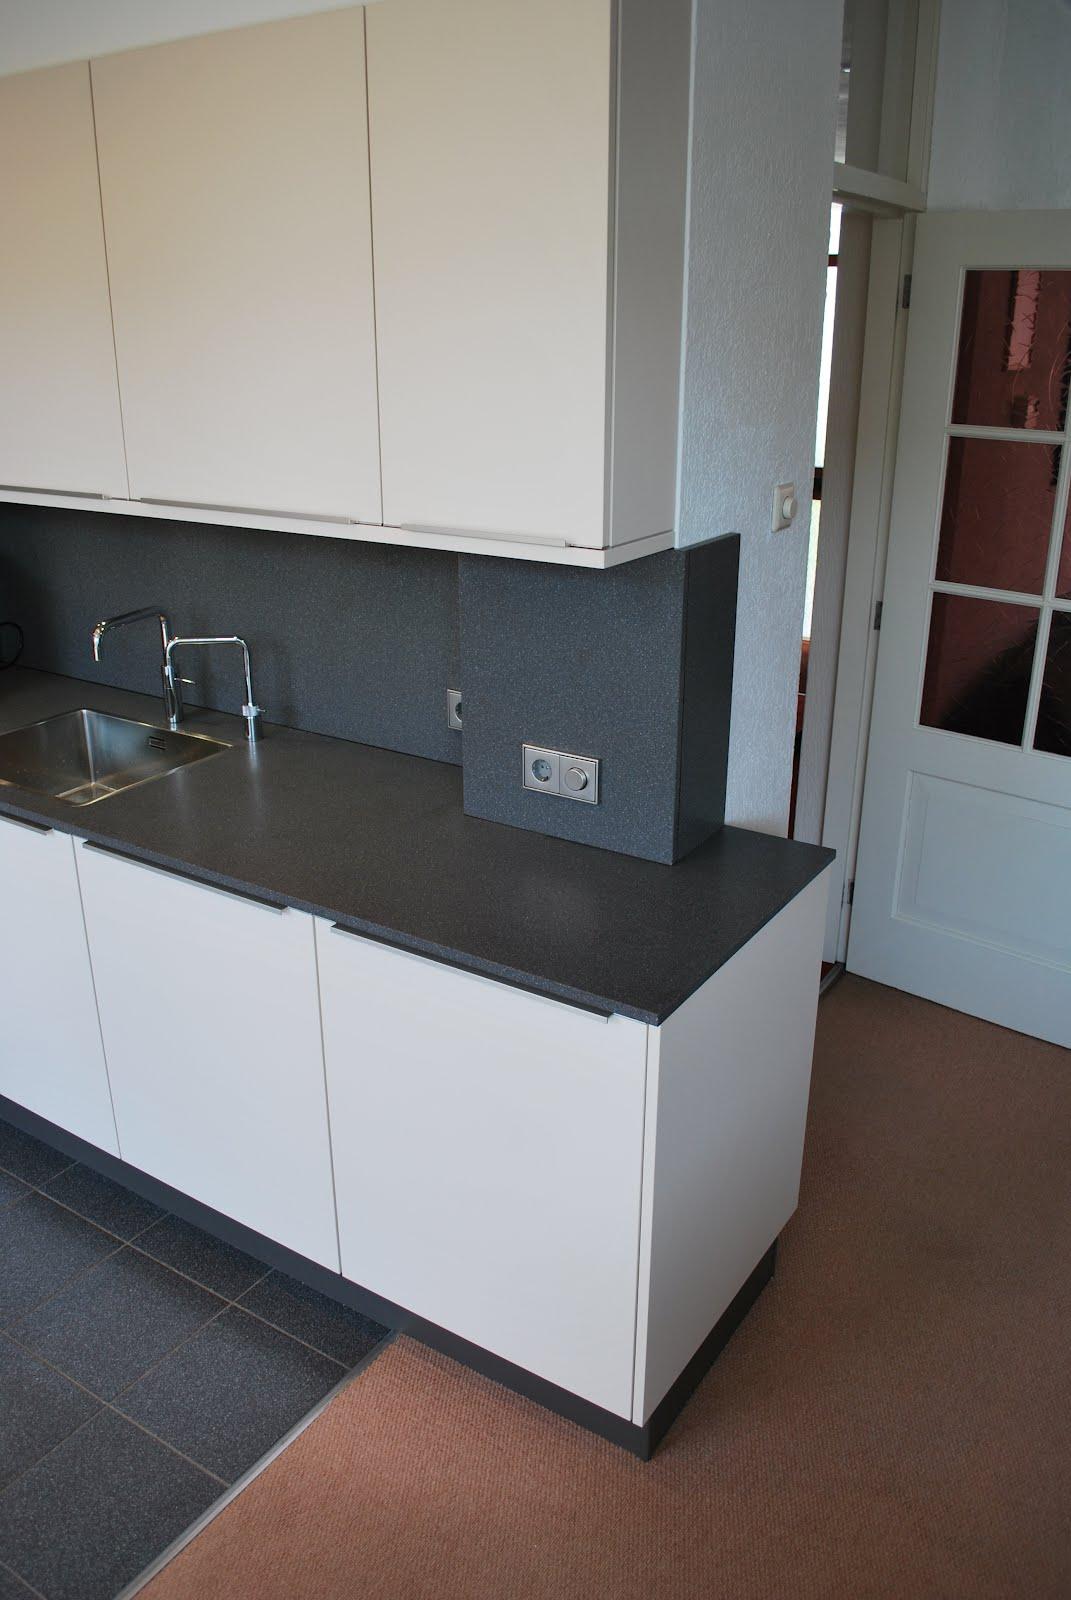 Voorbeeld slaapkamers kinder - Idee verf grijs keuken ...